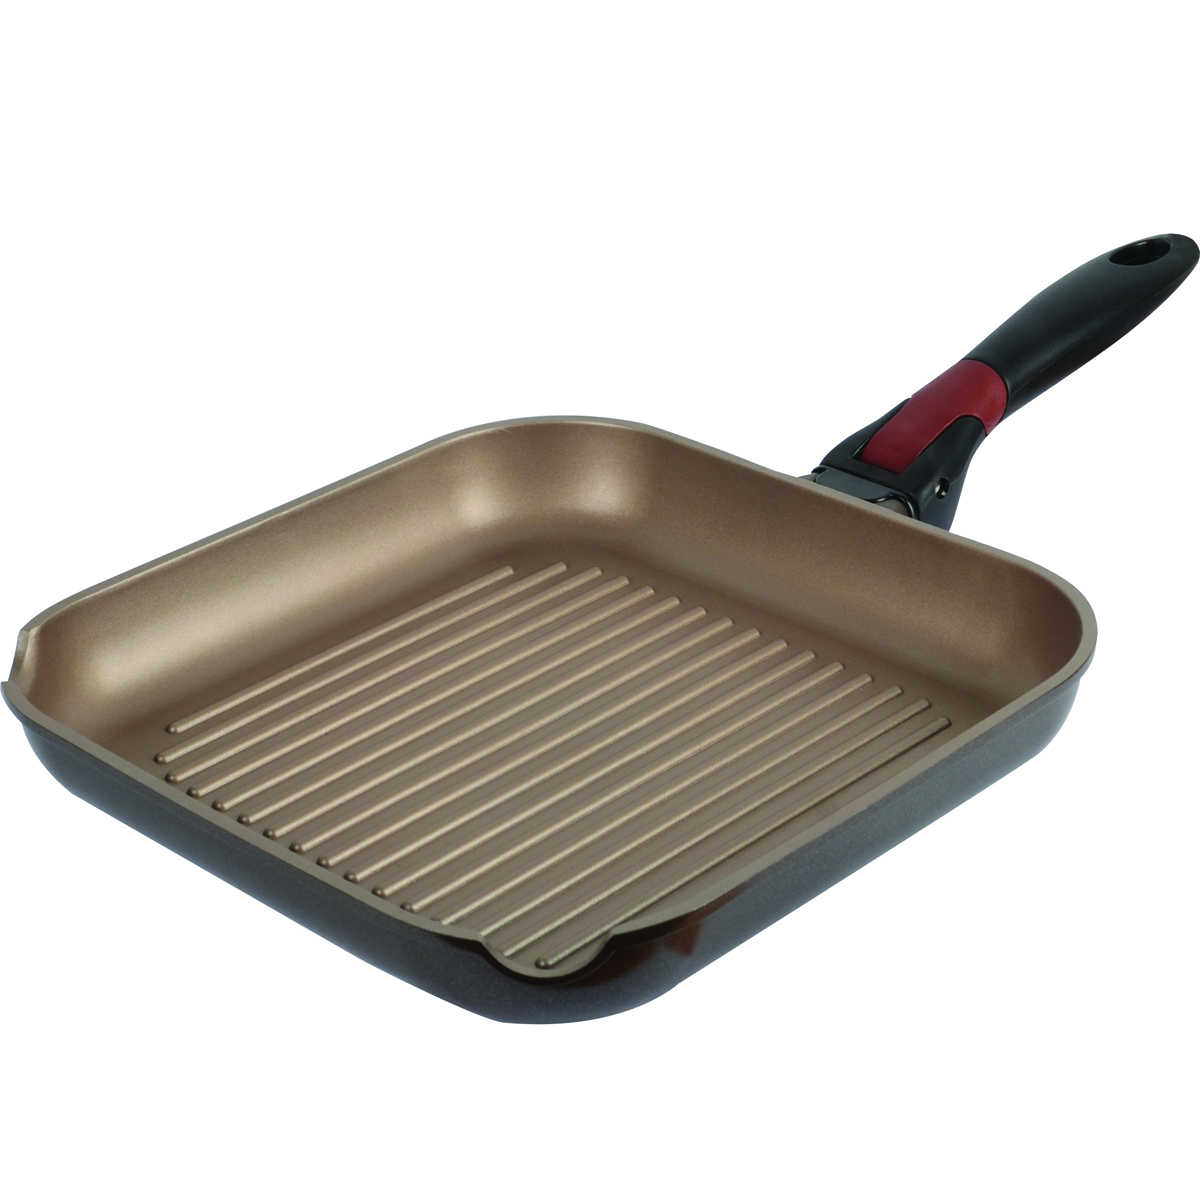 Сковорода-гриль Polaris One Click, с антипригарным покрытием, со съемной ручкой, 26 х 26 смOC-26GСковорода Polaris One Click изготовлена из высококачественного литого алюминия. Высокопрочное износостойкое антипригарное покрытие Whitford Xylan обеспечивает непревзойденную стойкость к царапинам, поэтому при готовке можно использовать металлические кухонные аксессуары. Покрытие экологично, не содержит примеси PFOA и PTFE. Специальное утолщенное дно обеспечивает равномерный нагрев. Эргономичная бакелитовая ручка не нагревается и не скользит. Ручка съемная, что позволяет использовать сковороду в духовке. Рифленая поверхность сковороды имитирует решетку гриля и образует аппетитную корочку, при этом жир стекает в желобки, не давая продуктам контактировать с ним, что обеспечивает приготовление здоровой пищи. С обеих сторон сковороды имеются отверстия для слива жидкости. Можно мыть в посудомоечной машине. Подходит для газовых, электрических и стеклокерамических плит, включая индукционные. Также подходит для духовки без использования съемной ручки.Внутренний размер сковороды: 26 х 26 см. Высота стенки: 4 см. Длина ручки: 20,5 см.